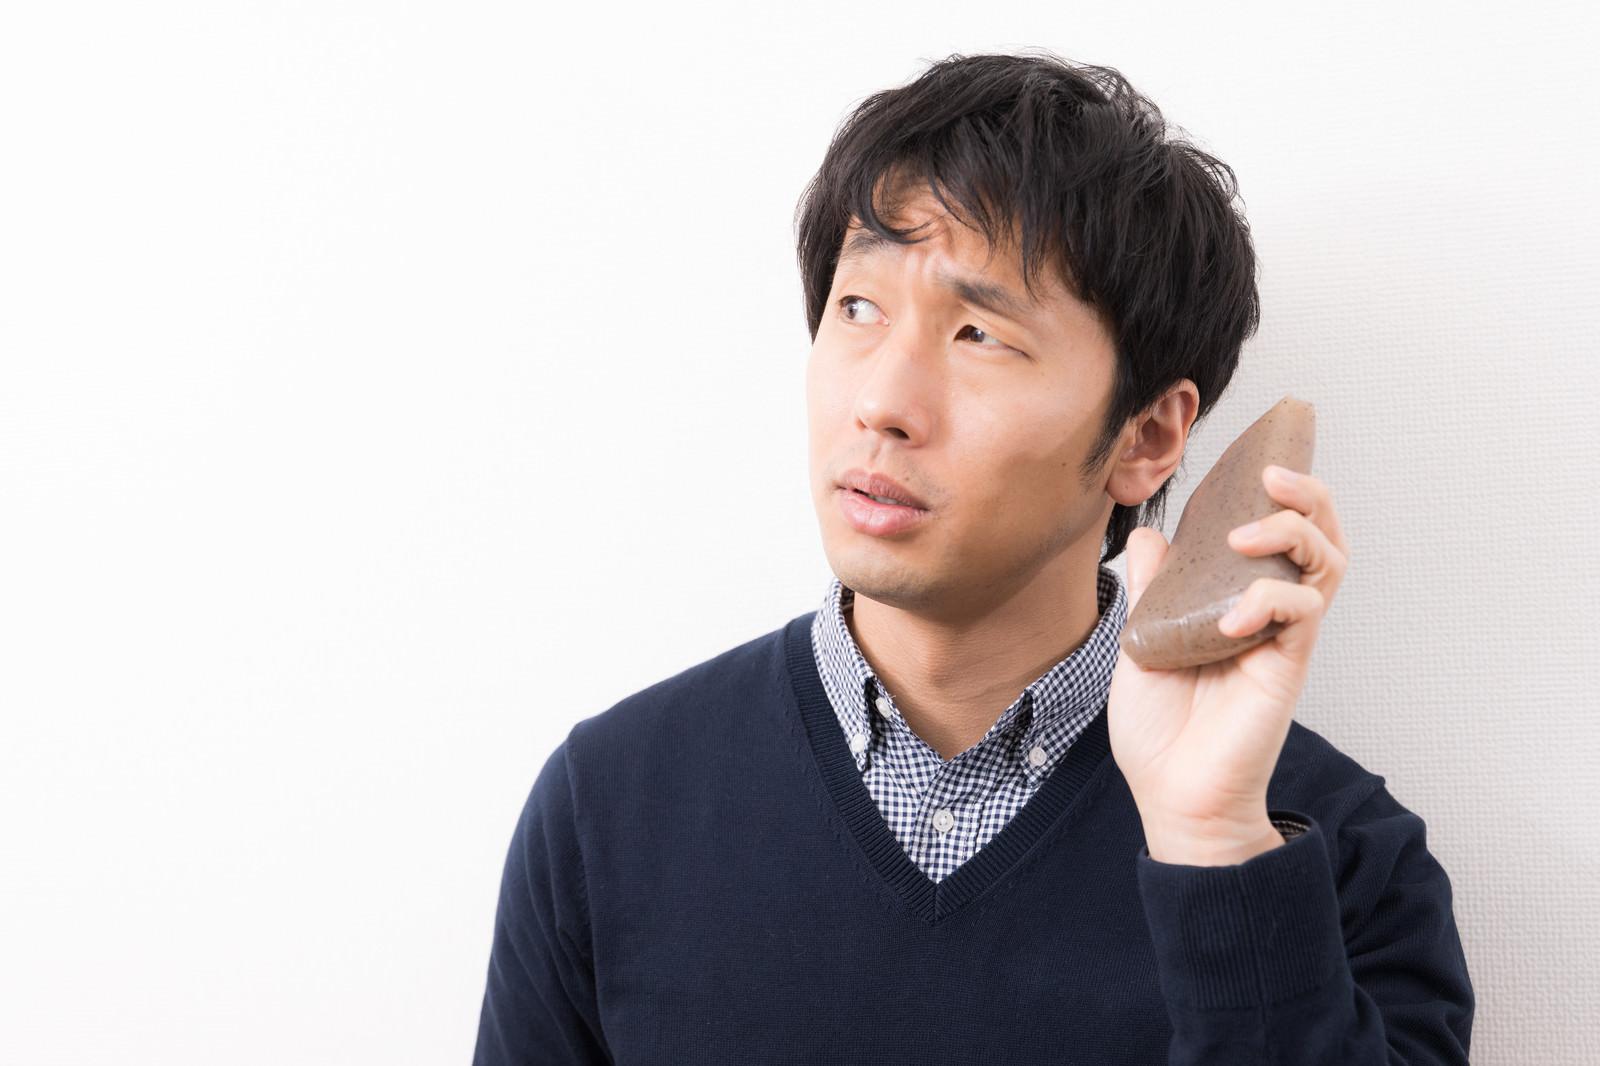 「こんにゃくの音を聞く男性」の写真[モデル:大川竜弥]